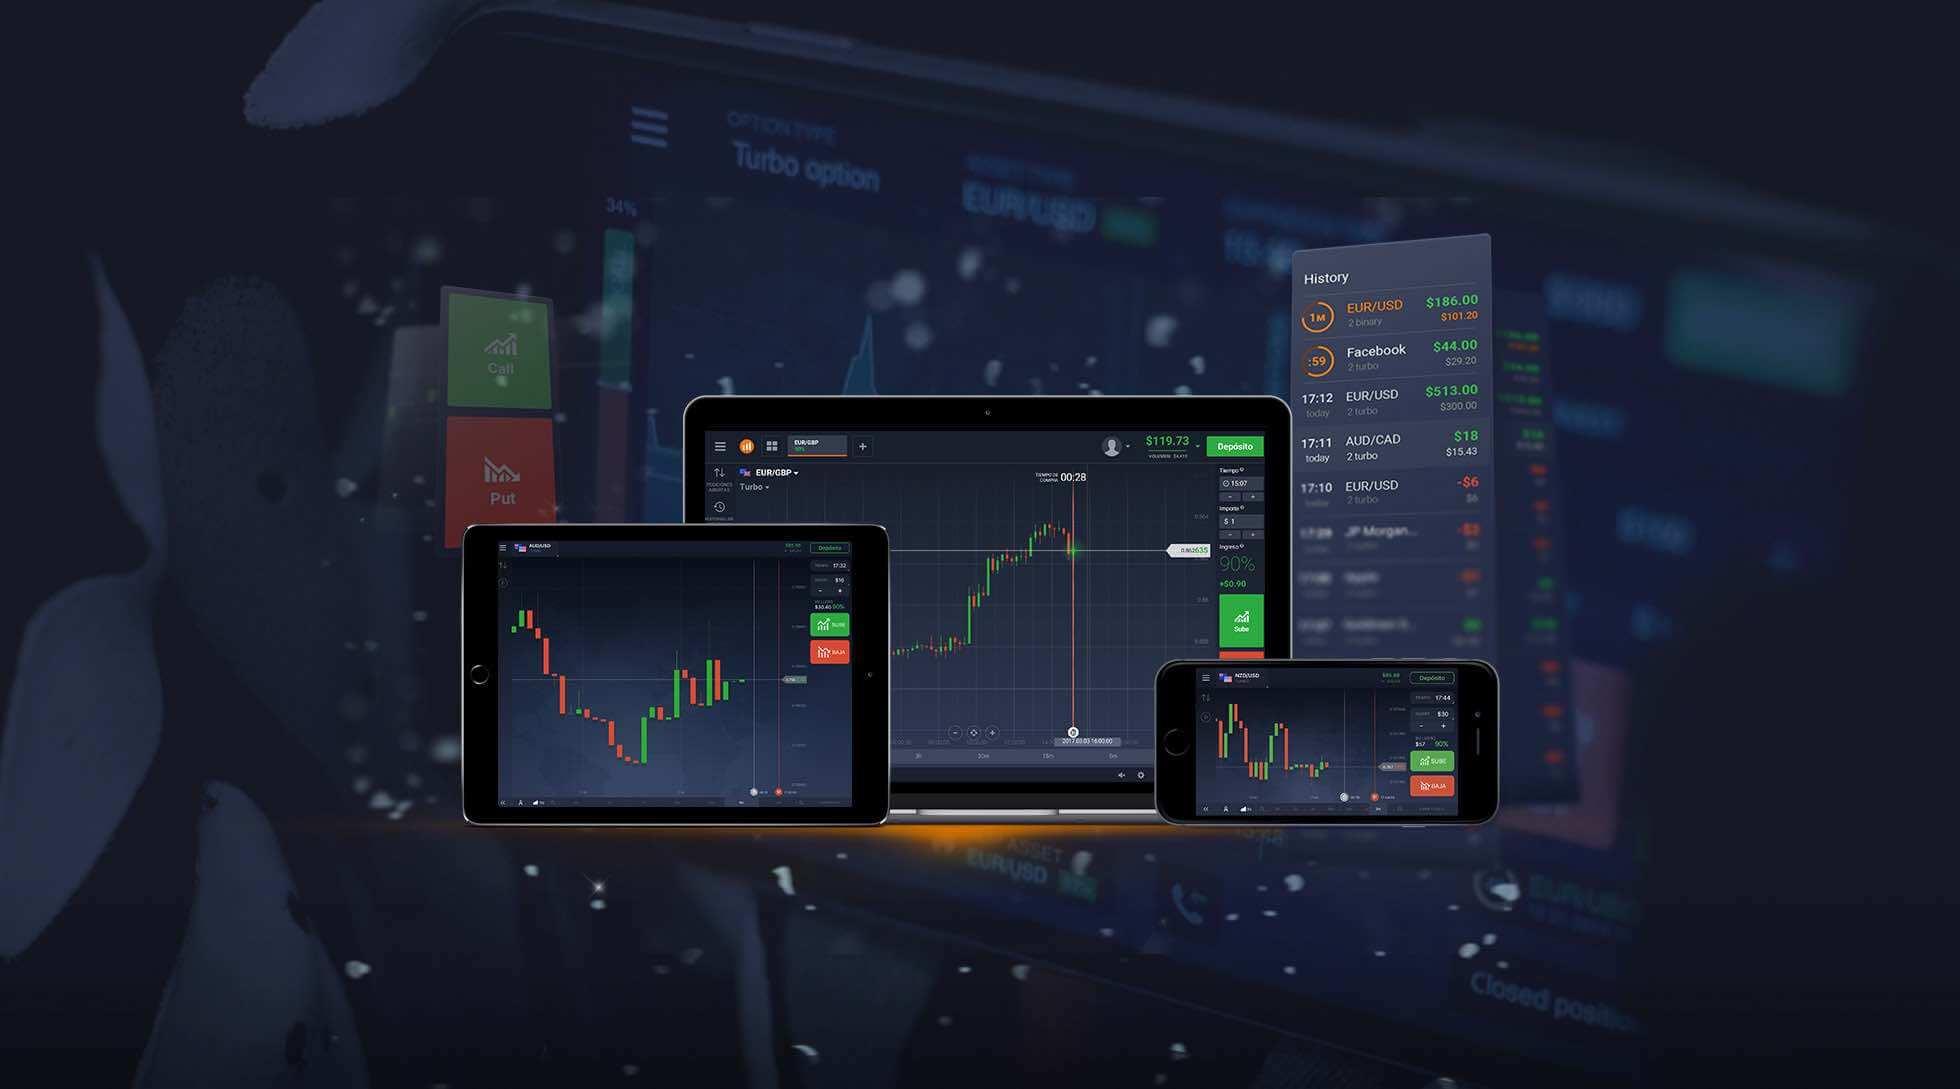 broker option app iphone